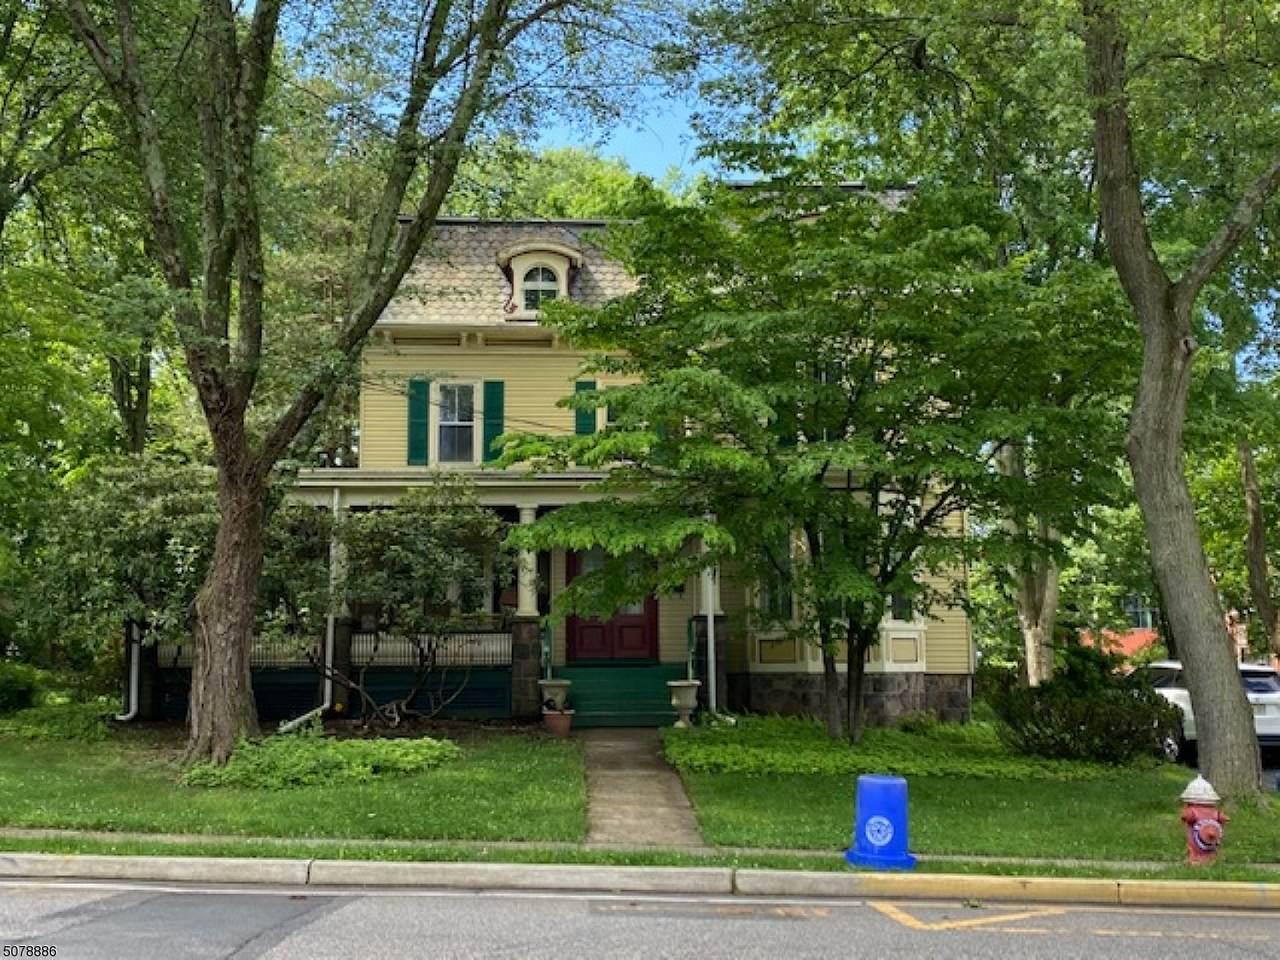 248 Harrington Ave - Photo 1